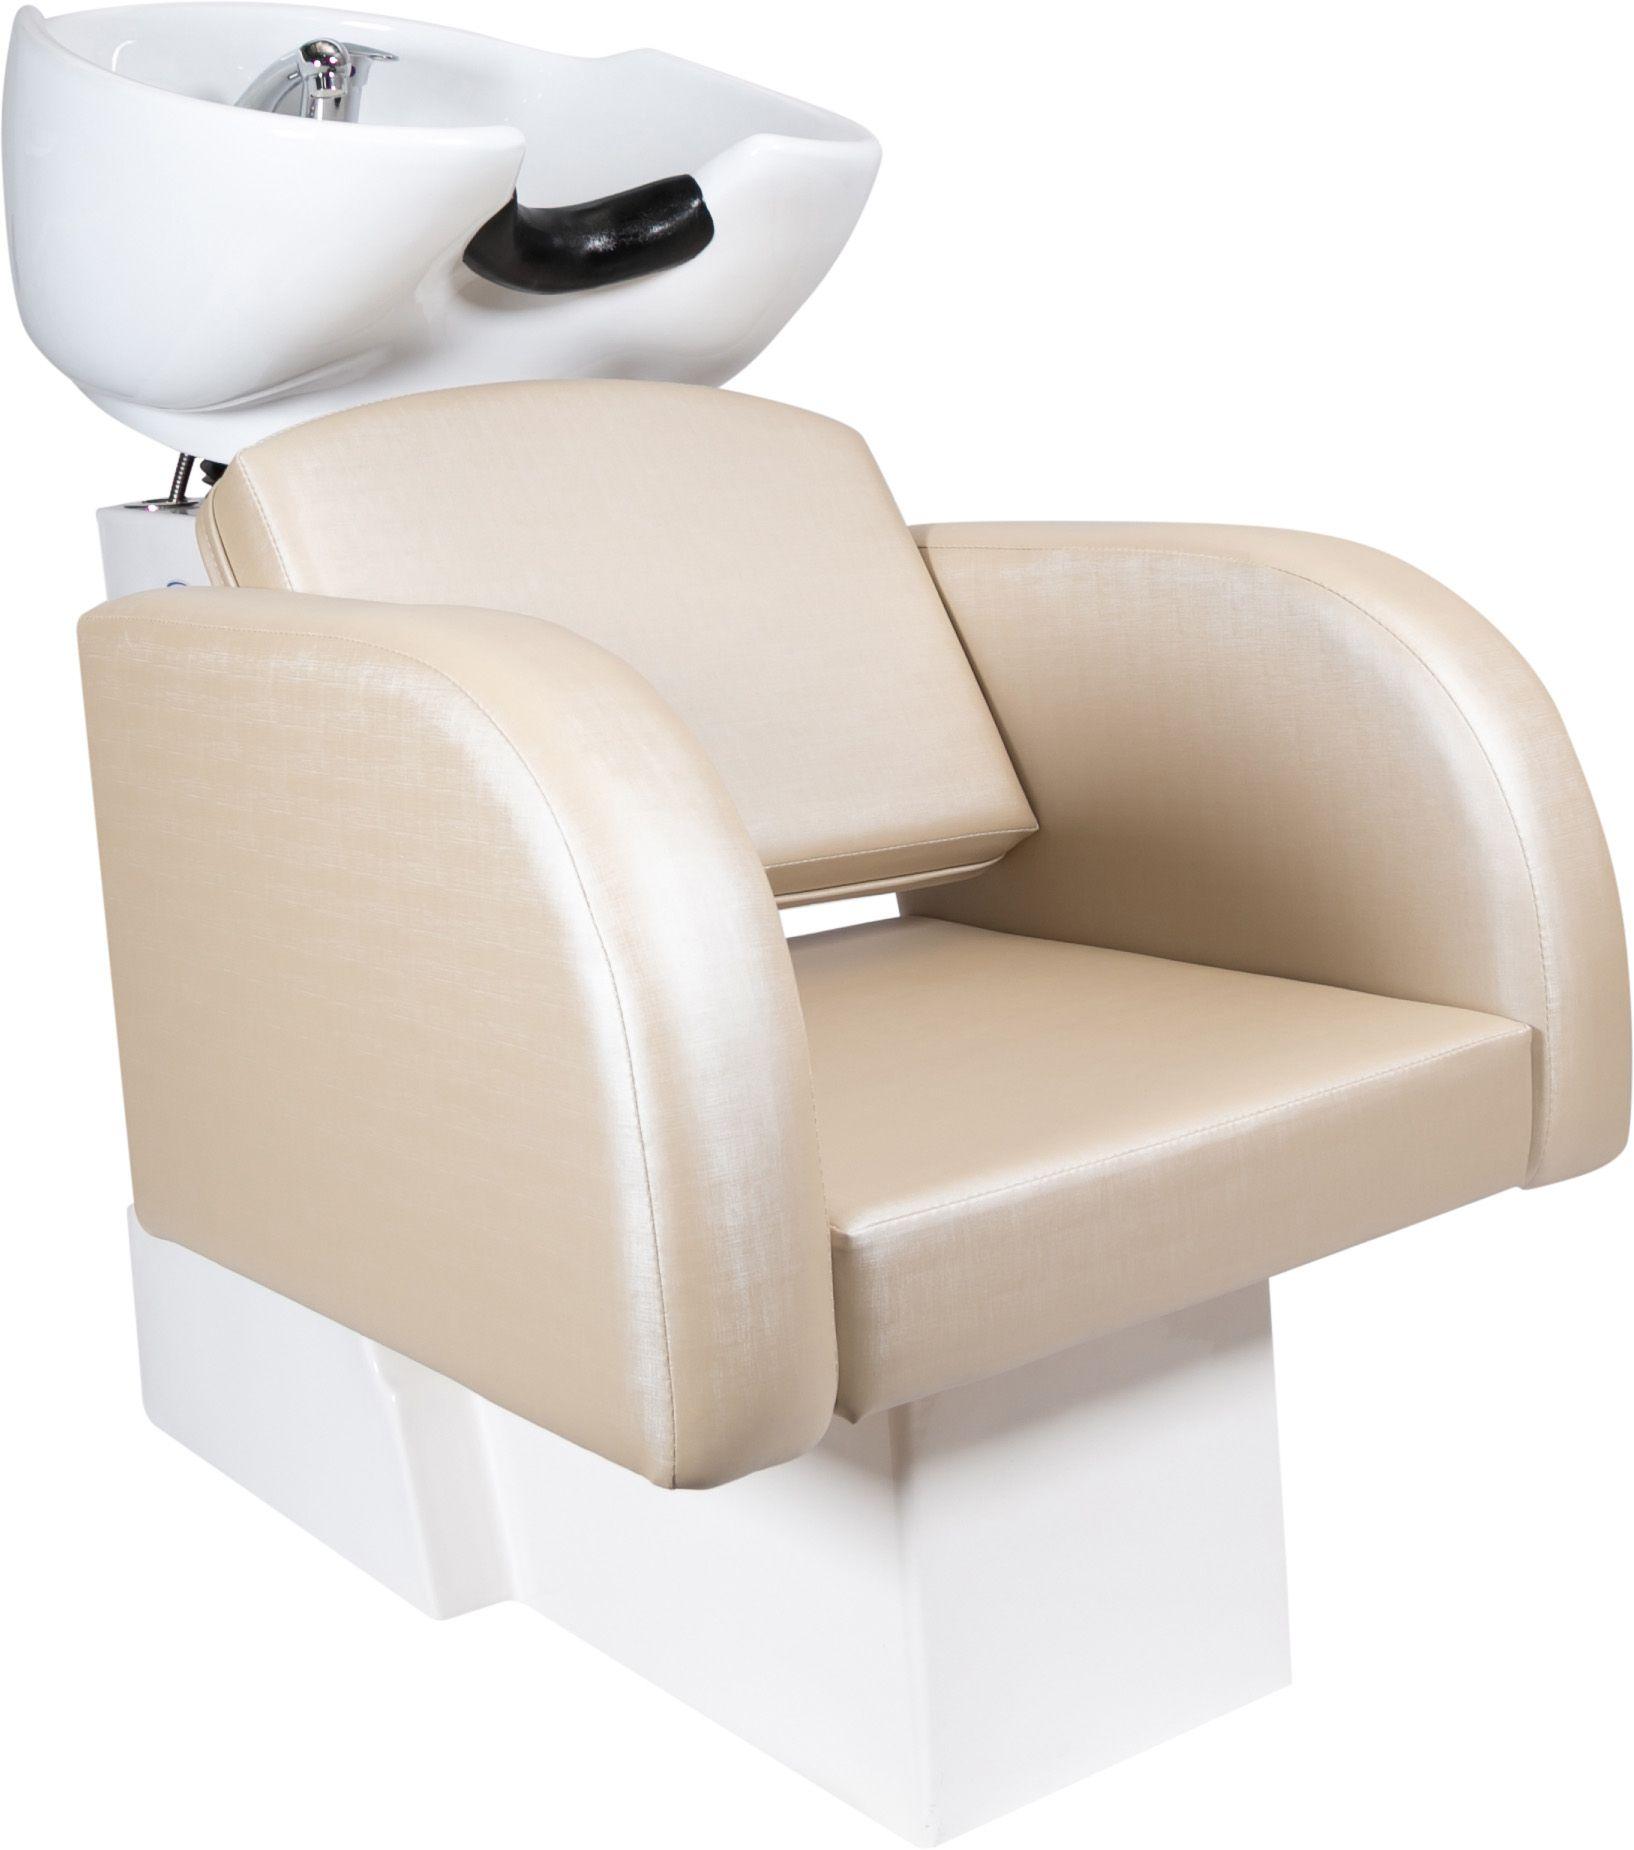 Destak Bege - Lavatório Destak e Cadeira Hidráulica Reclinável